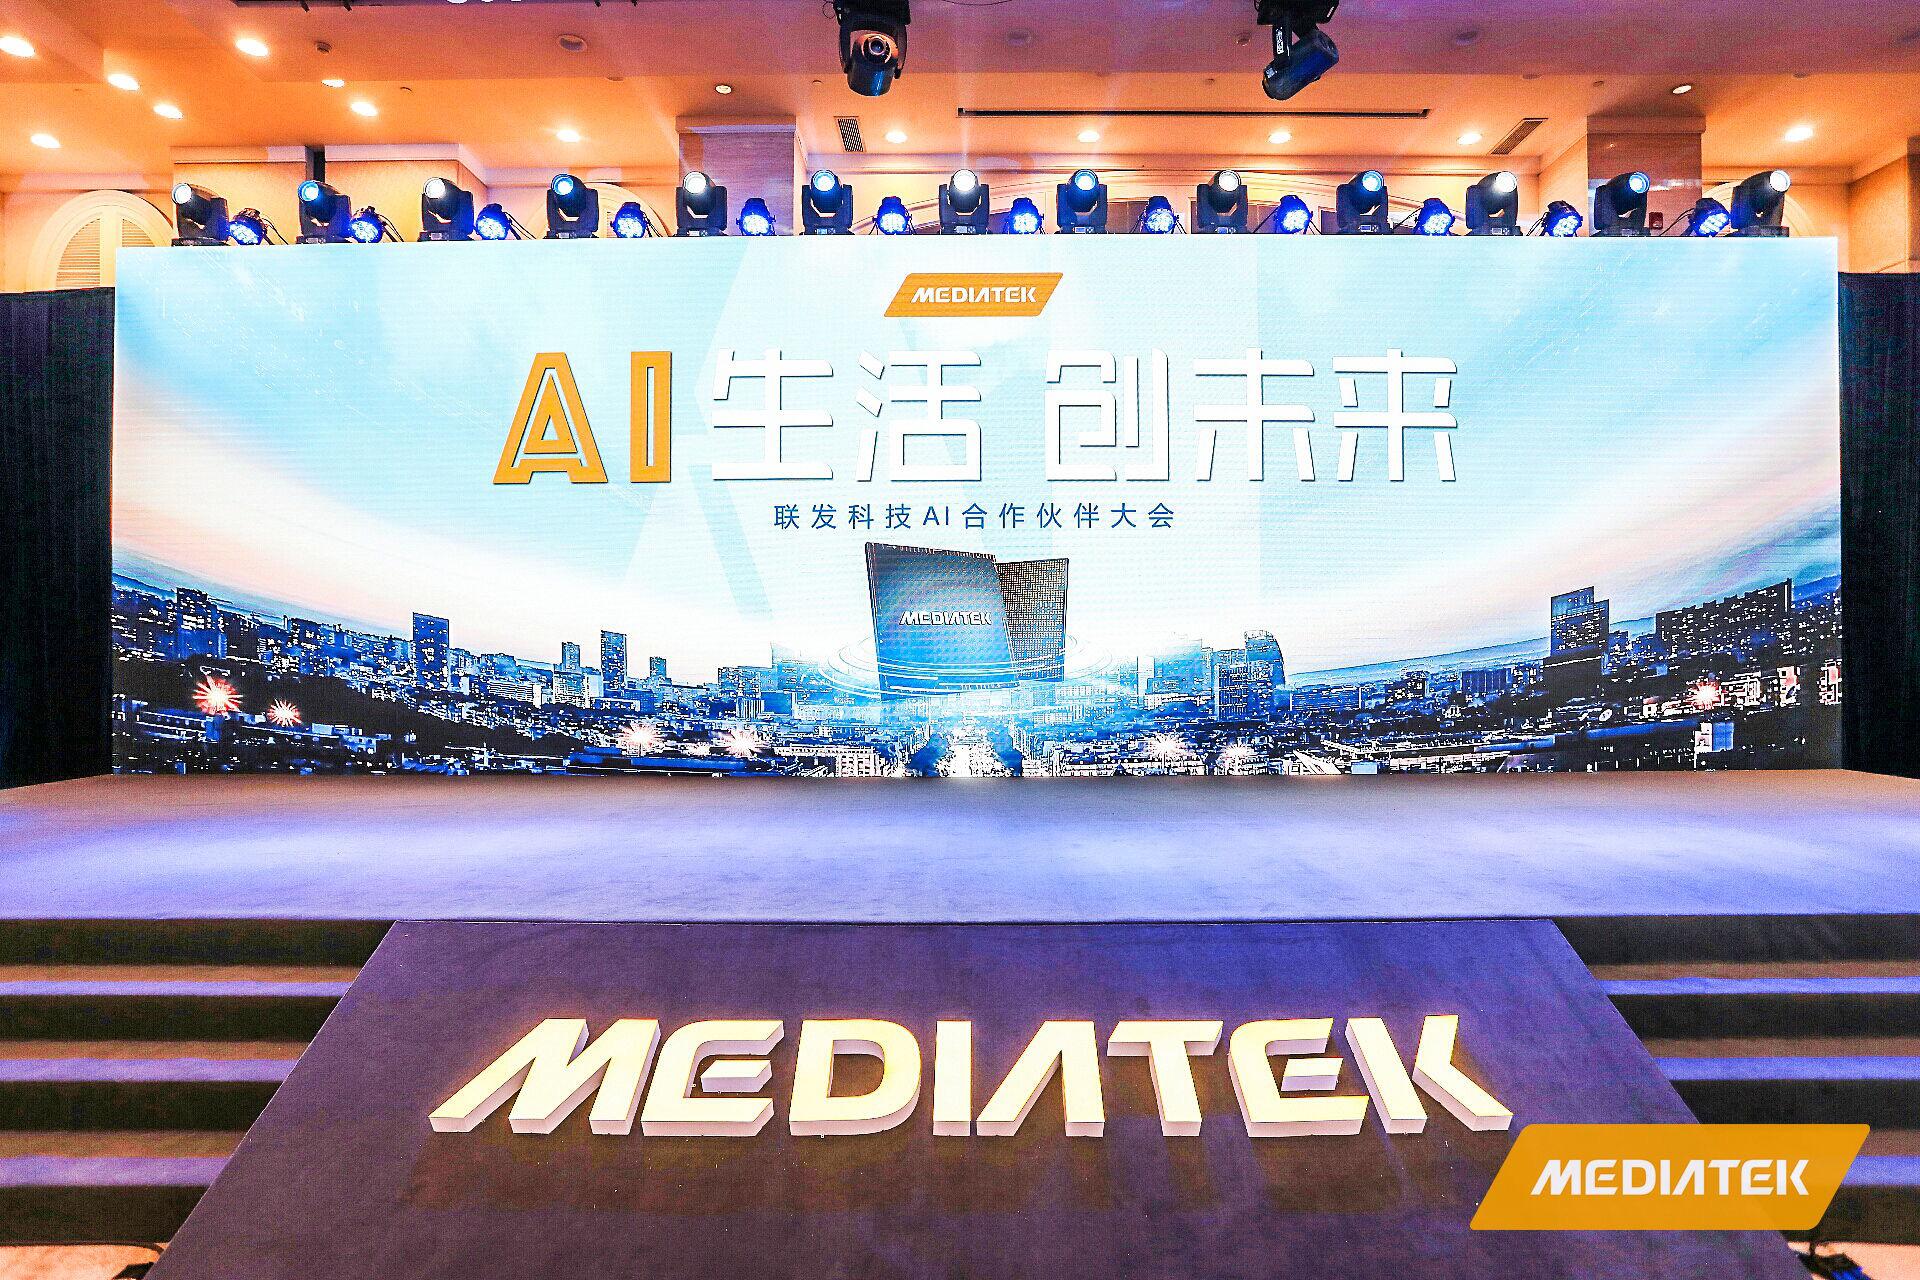 联发科技AI合作伙伴大会 共同推进全产业AIoT发展